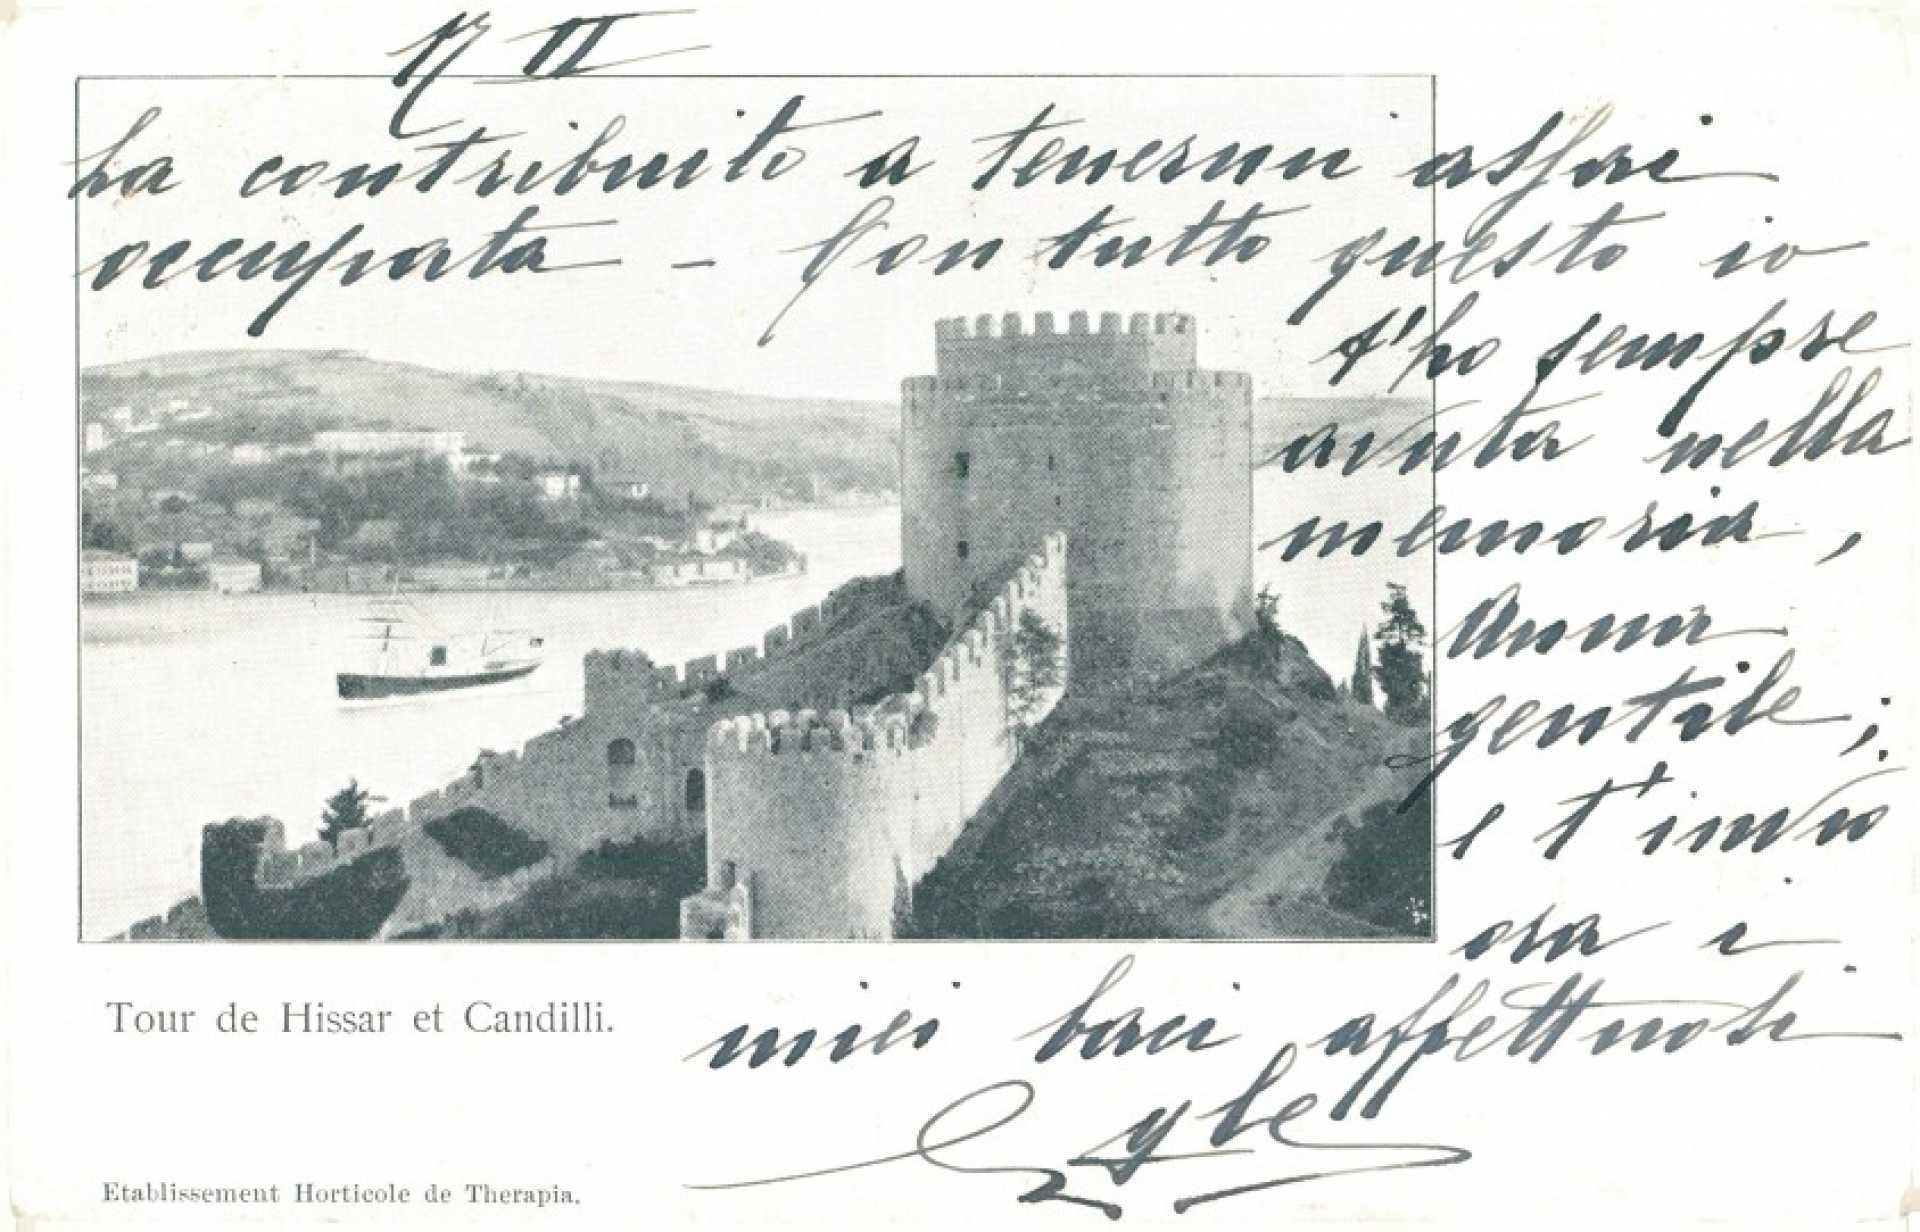 Tour de Hissar et Candilli